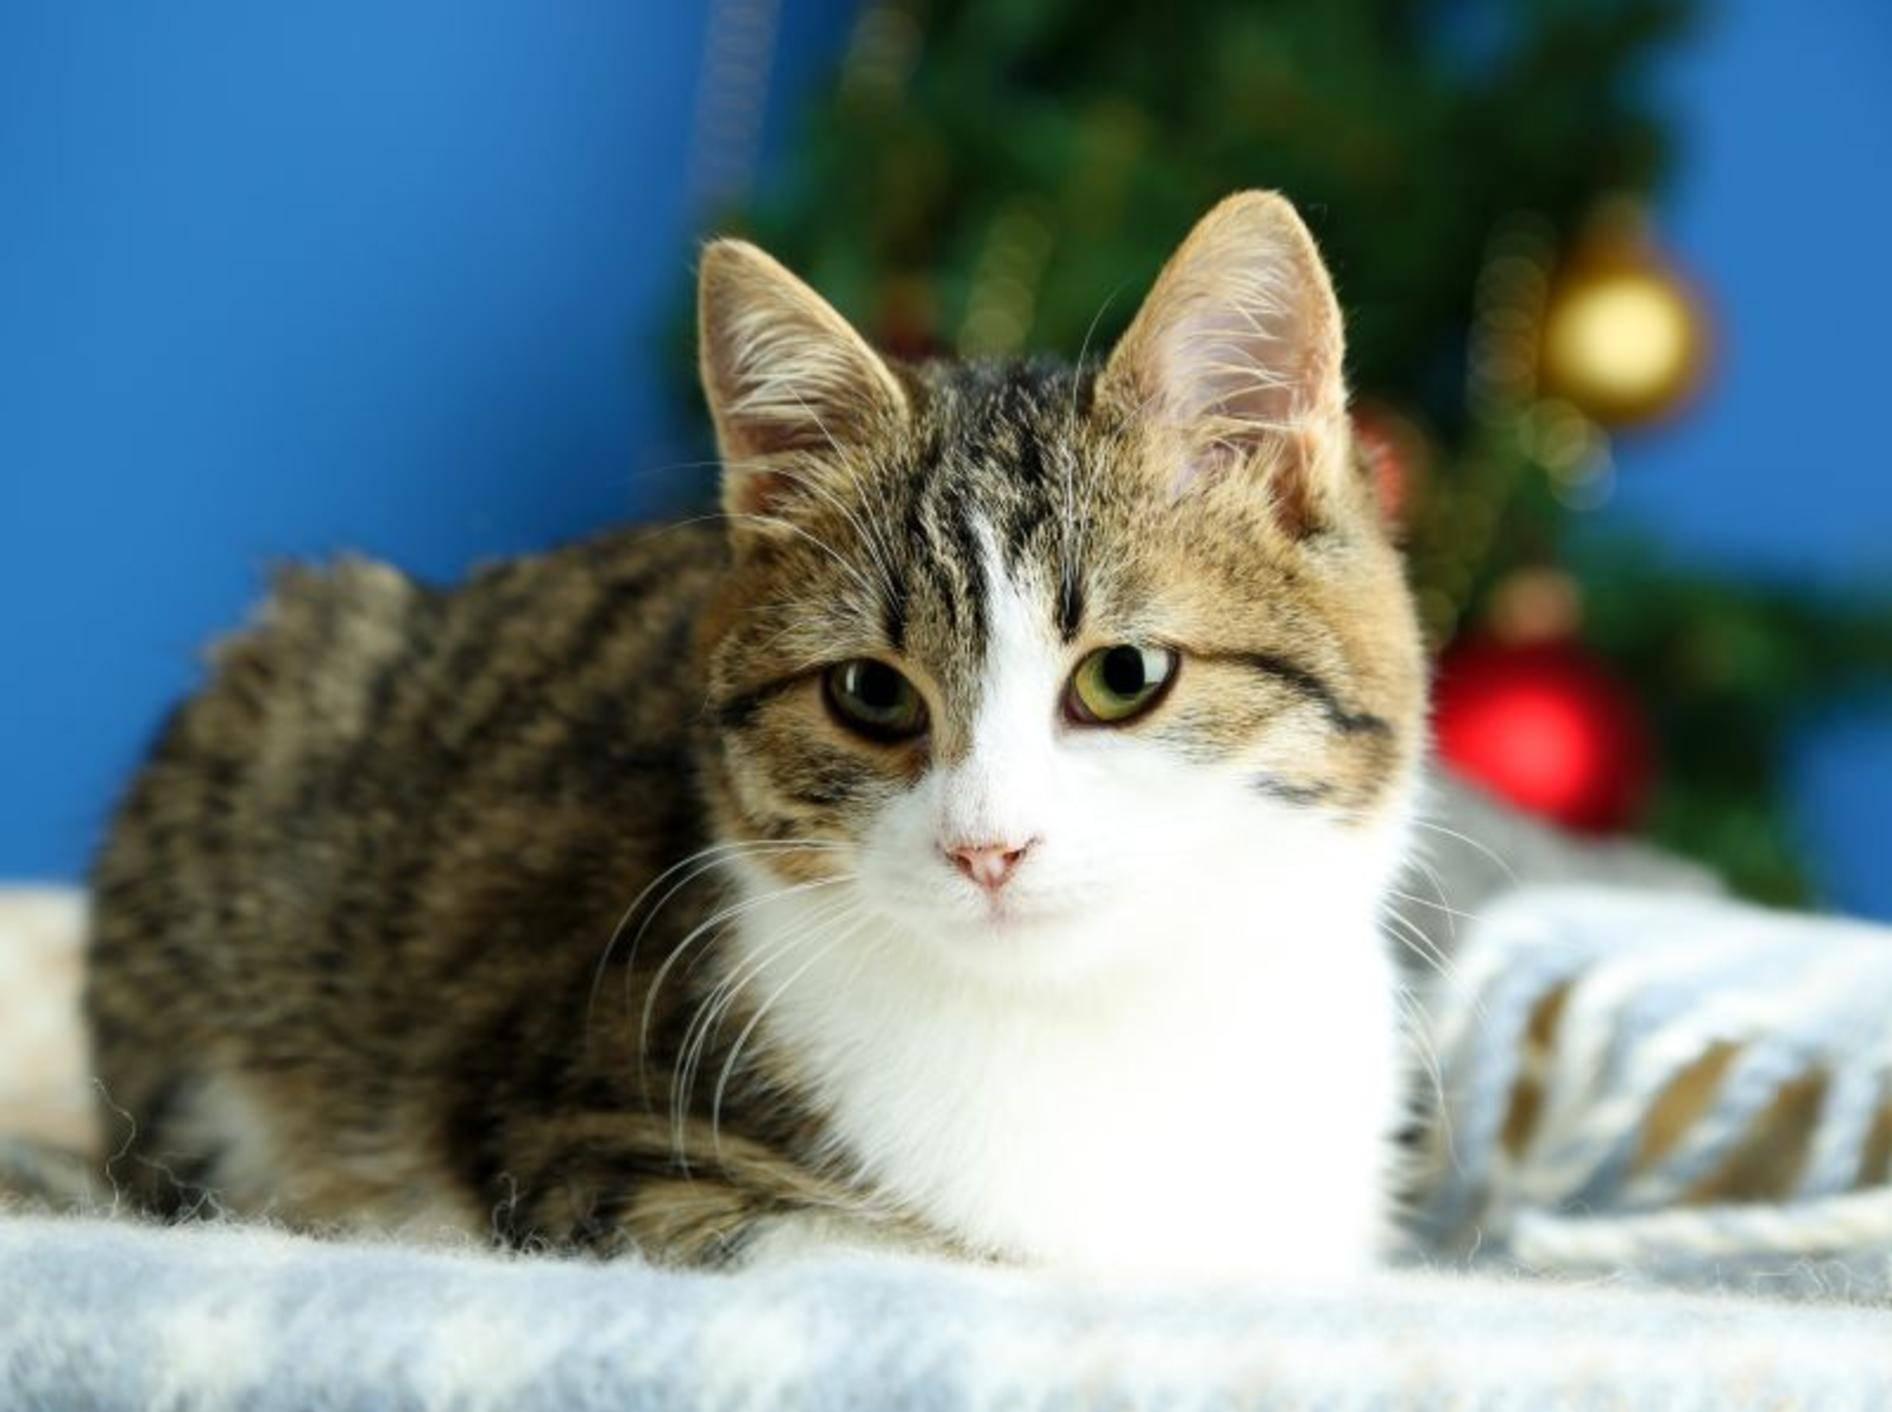 Das perfekte Weihnachts-Dinner für Katzen – Bild: Shutterstock / Africa Studio